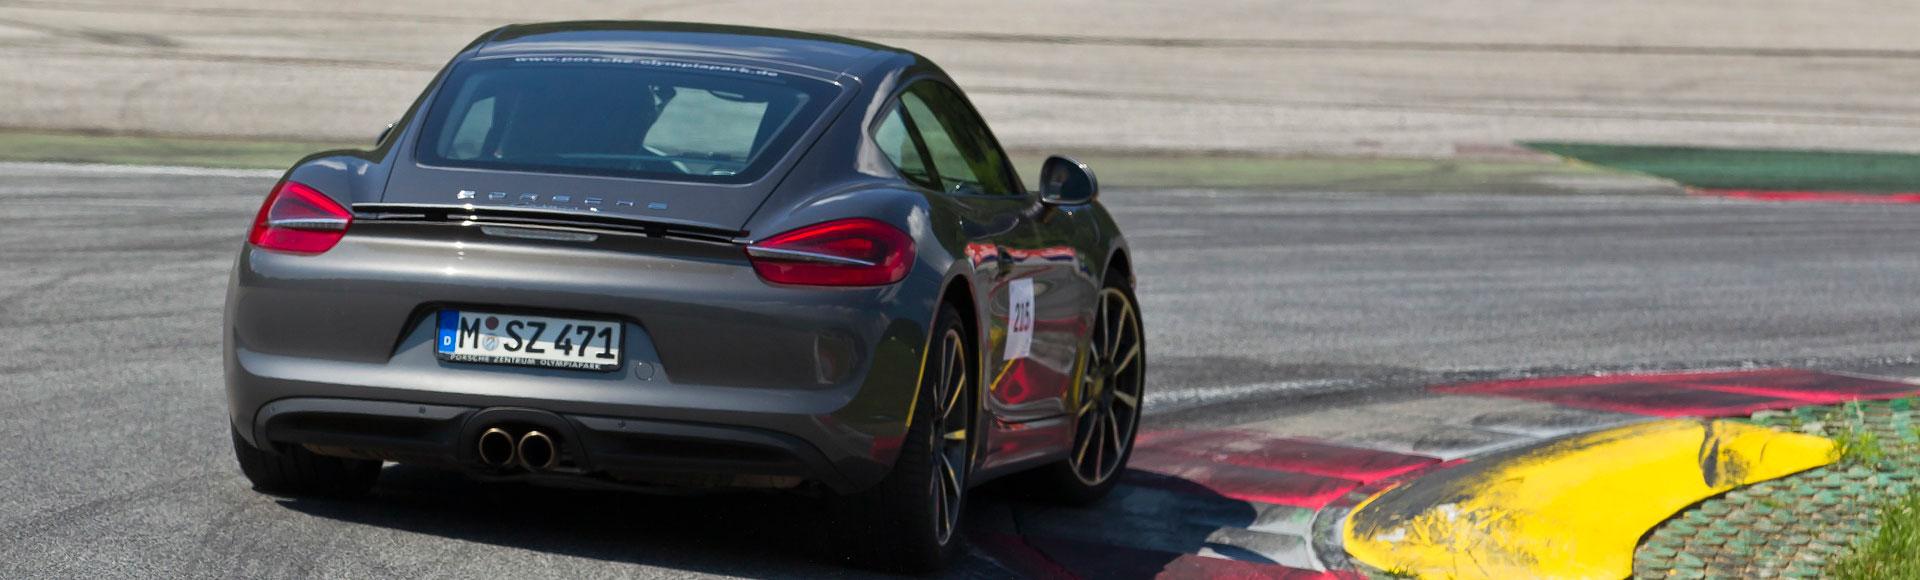 Porsche Cayman Red Bull Ring 2013 1247